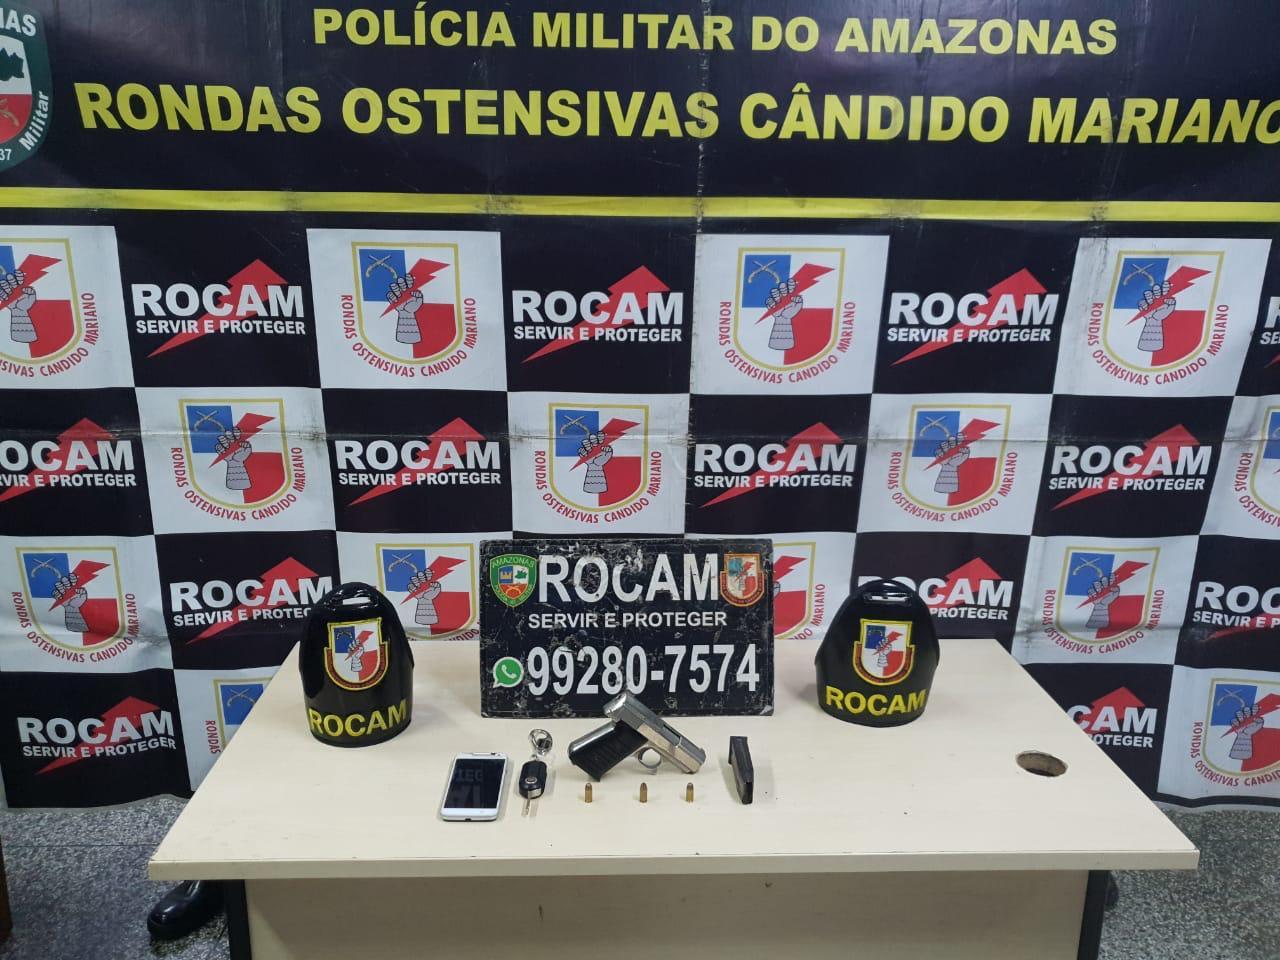 PM detém homem por porte ilegal de arma de fogo na zona oeste de Manaus